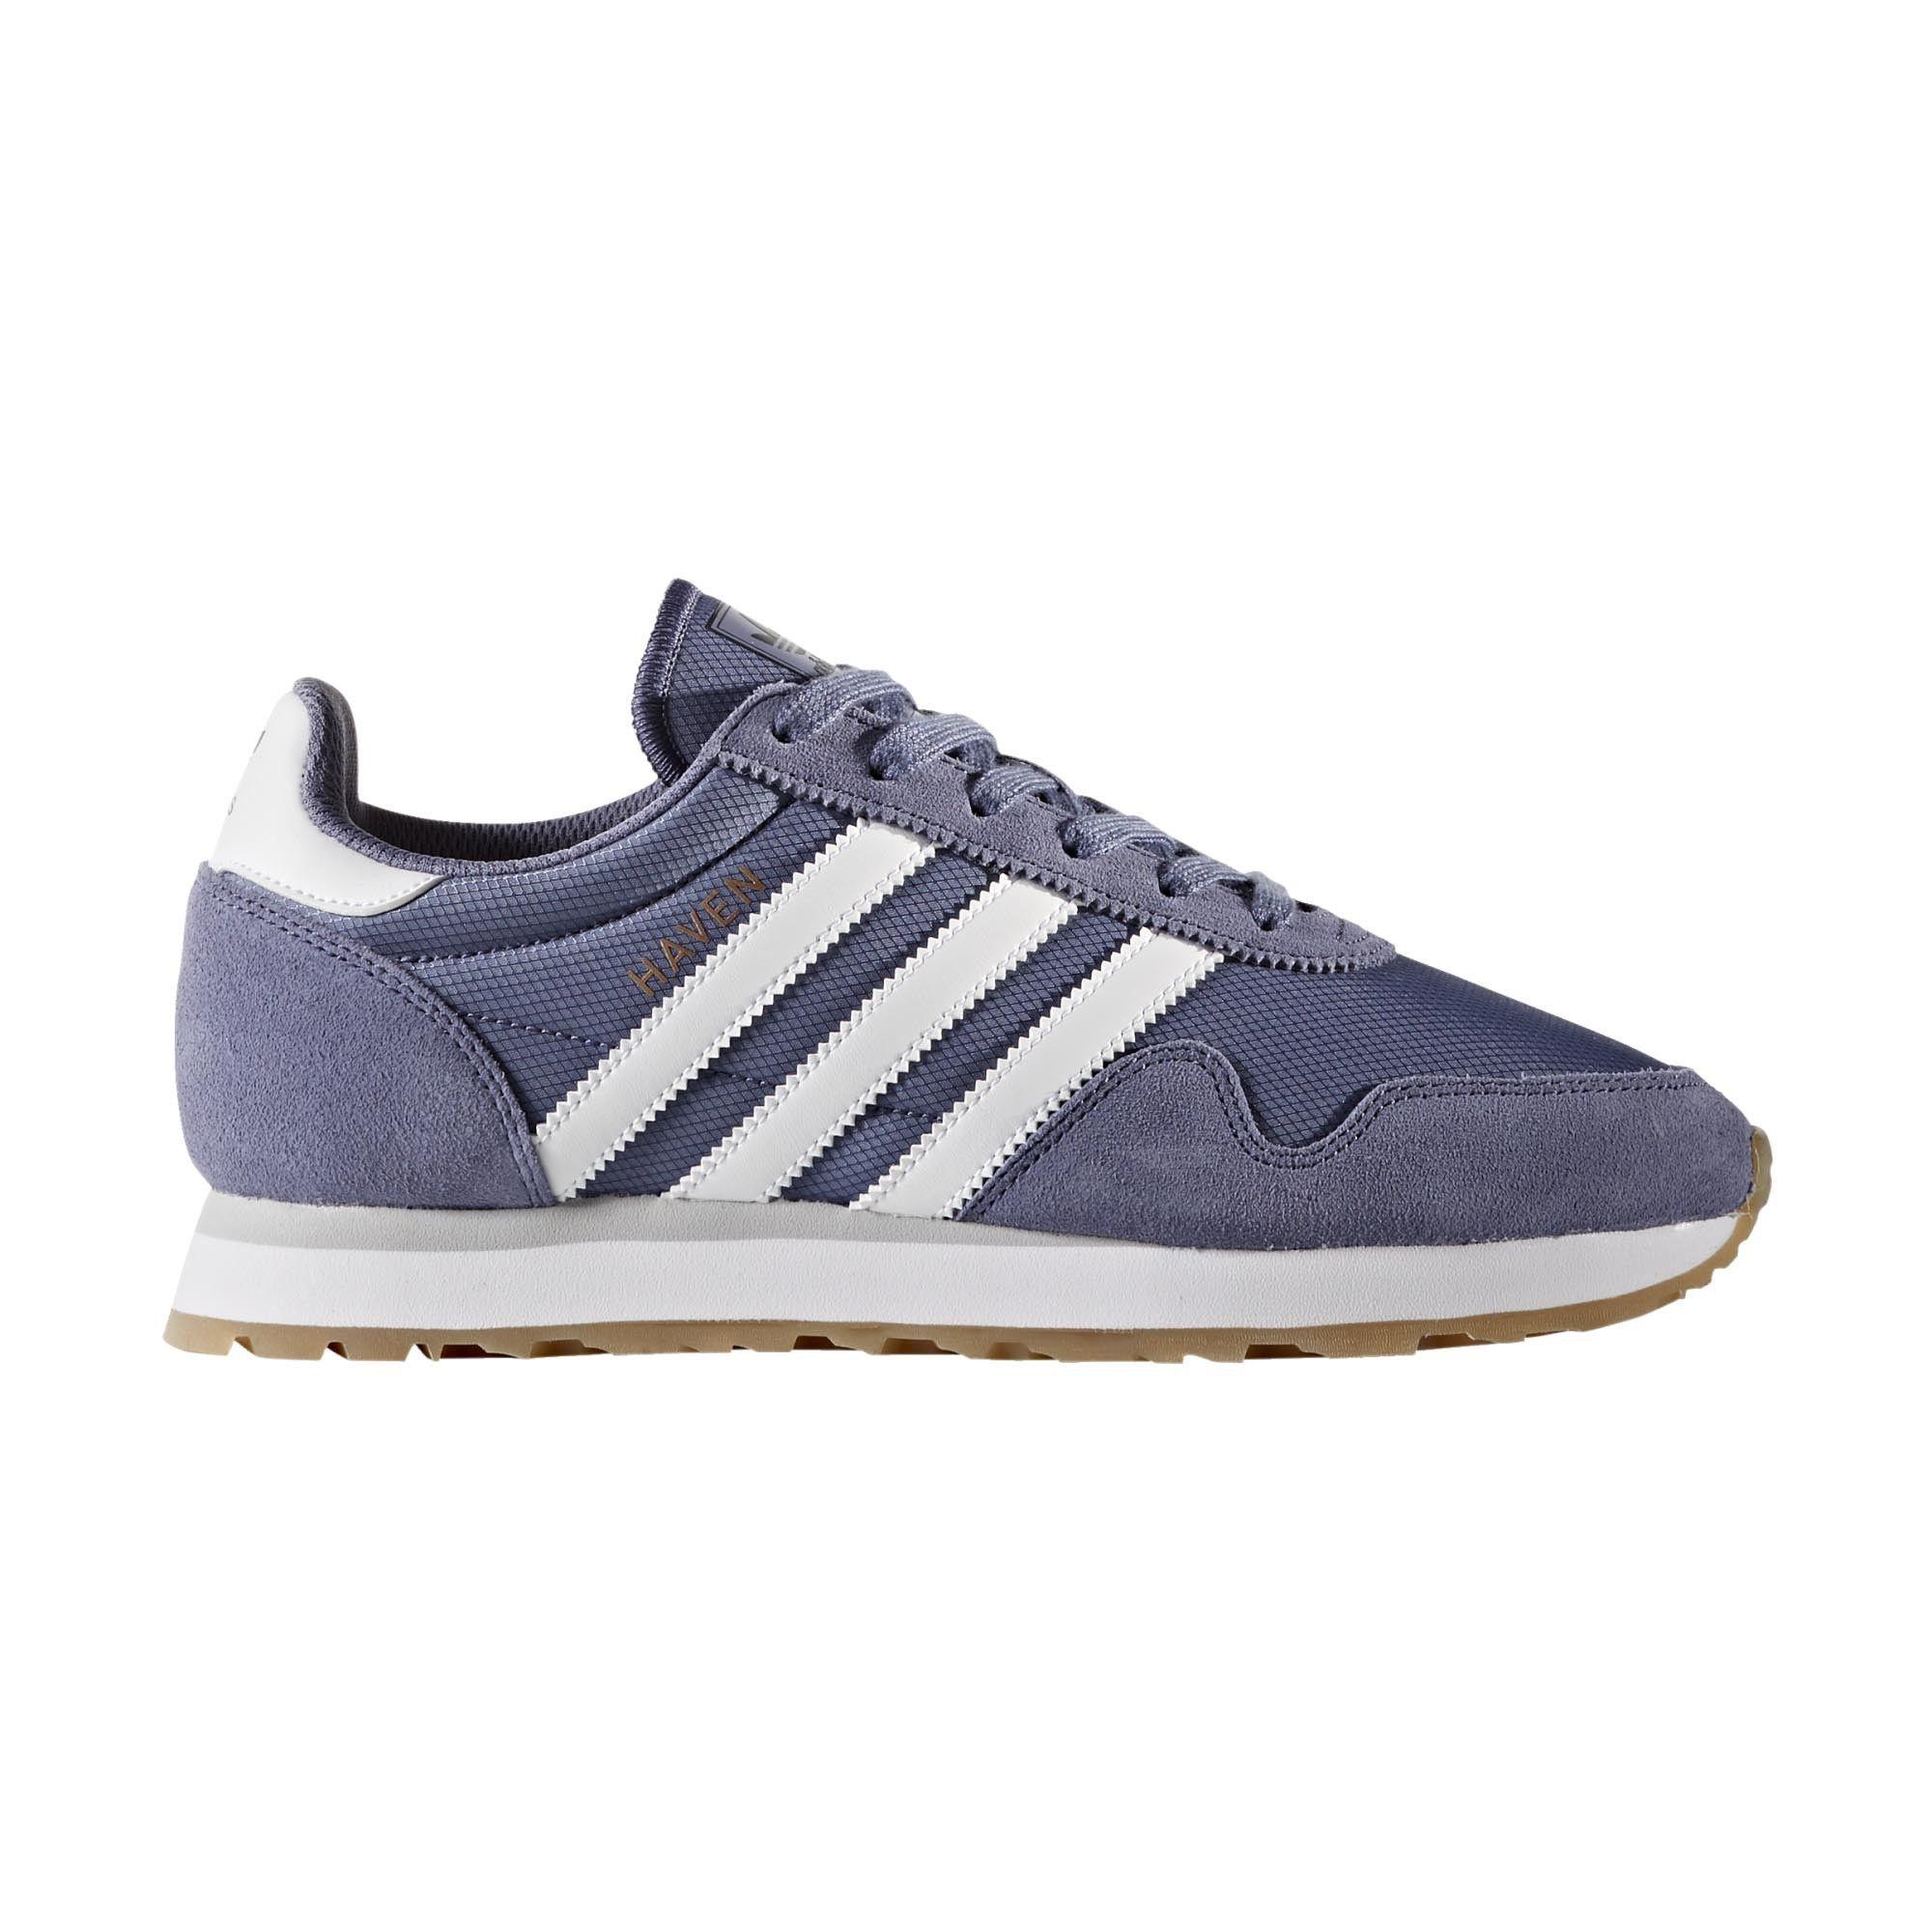 Adidas Haven BUTY SPORTOWE damskie 36 23